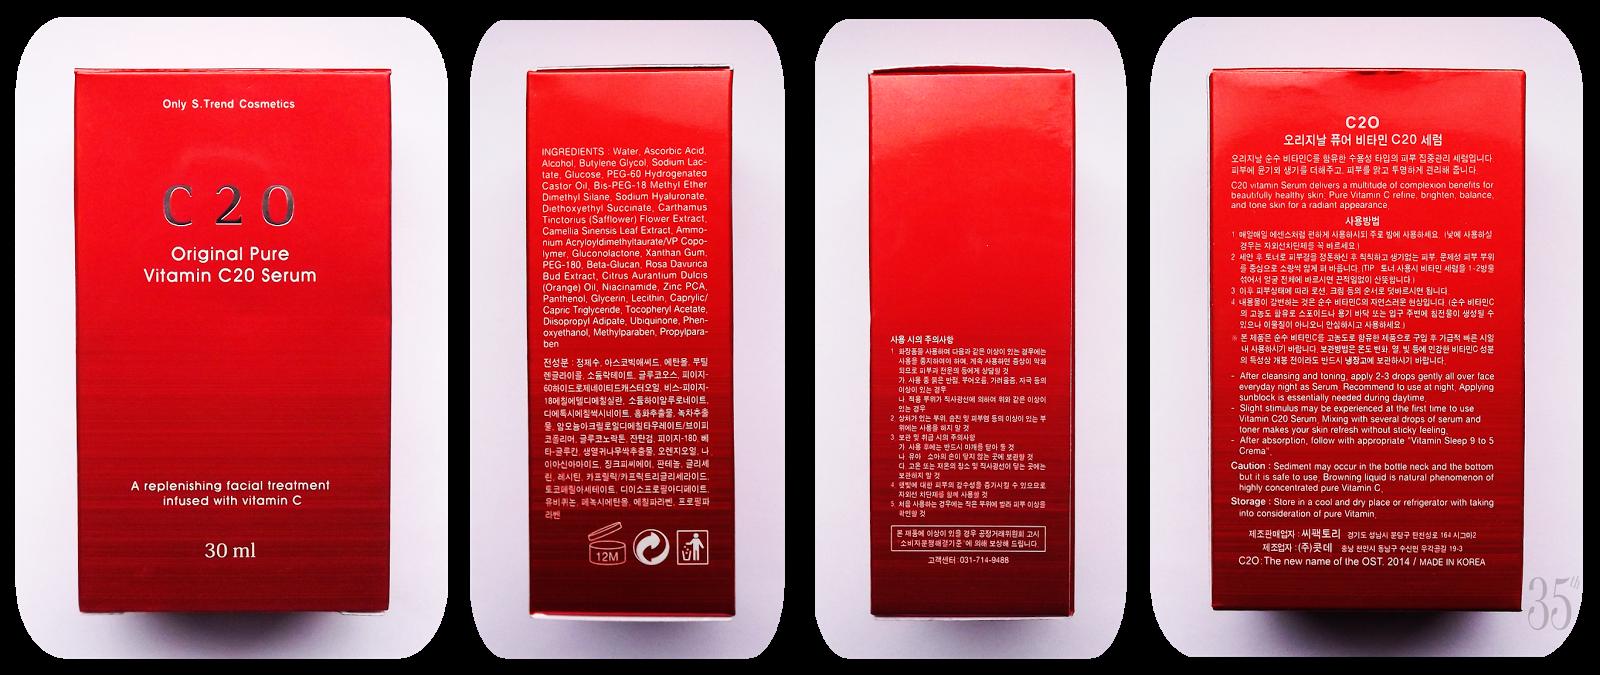 OST Original Pure Vitamin C20 Serum